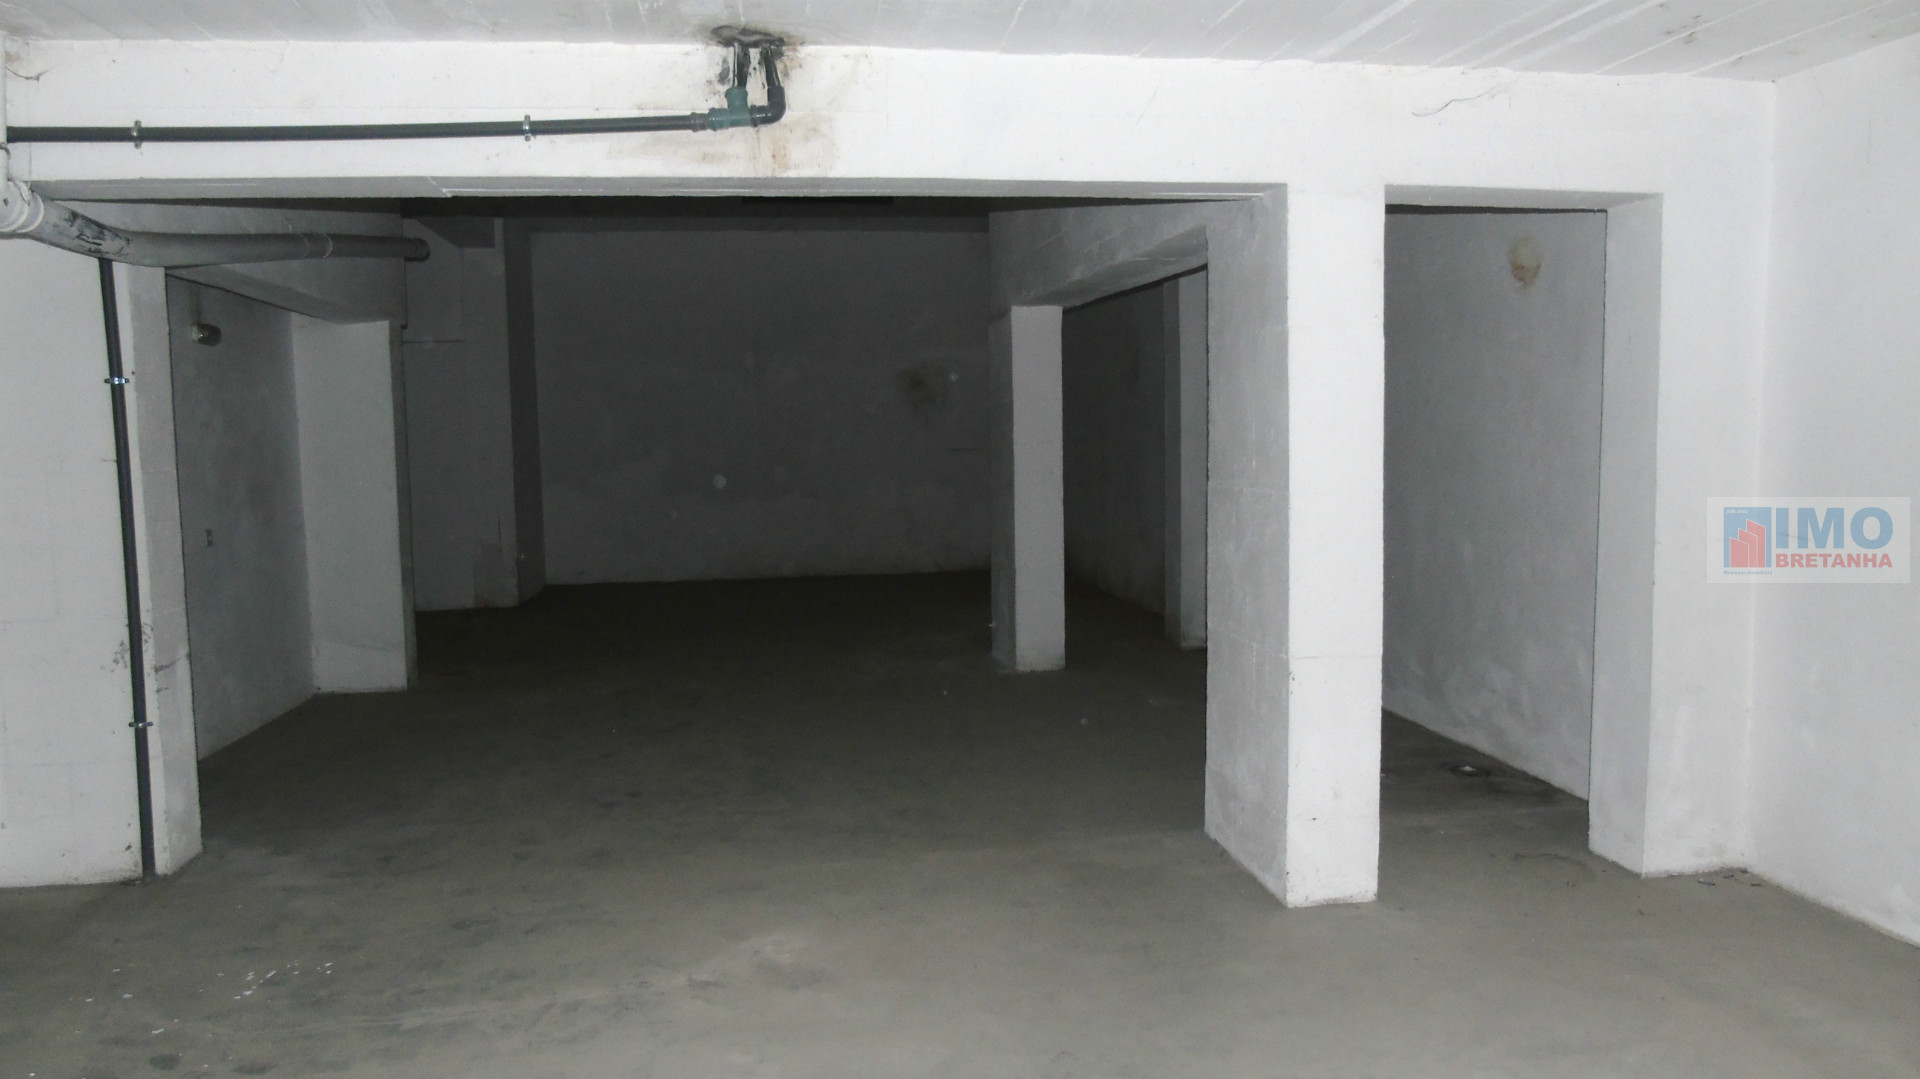 Garagem para 6 carros perto da ESE